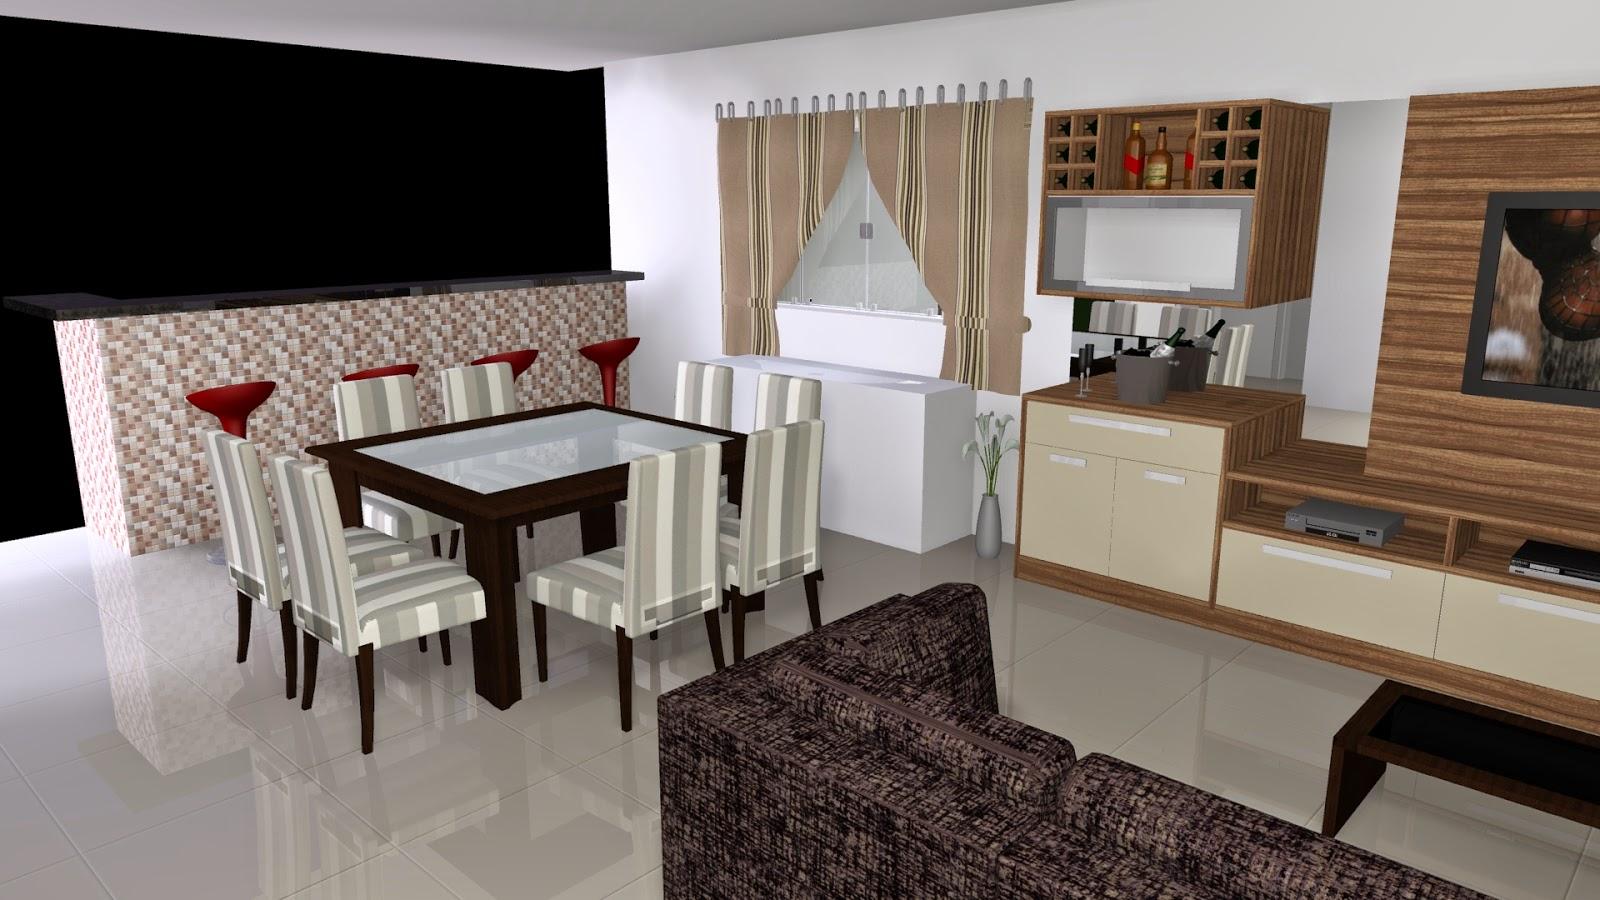 Barzinho Para Sala De Estar Pequena Koynfm Com Decora O E Sala  -> Sala Pequena Com Barzinho